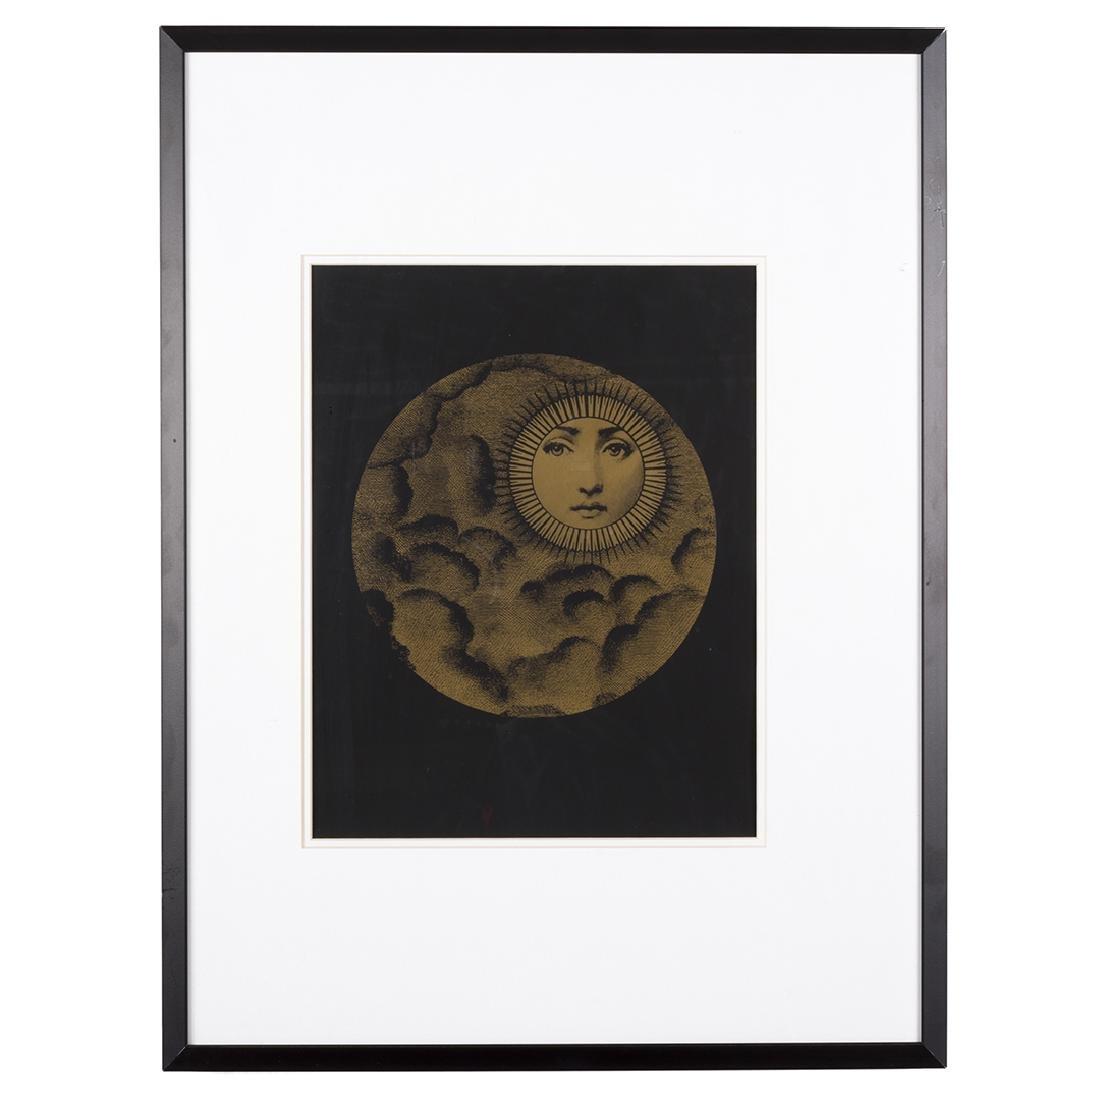 Piero Fornasetti Sole and Luna Silk Screen Prints (2) - 2